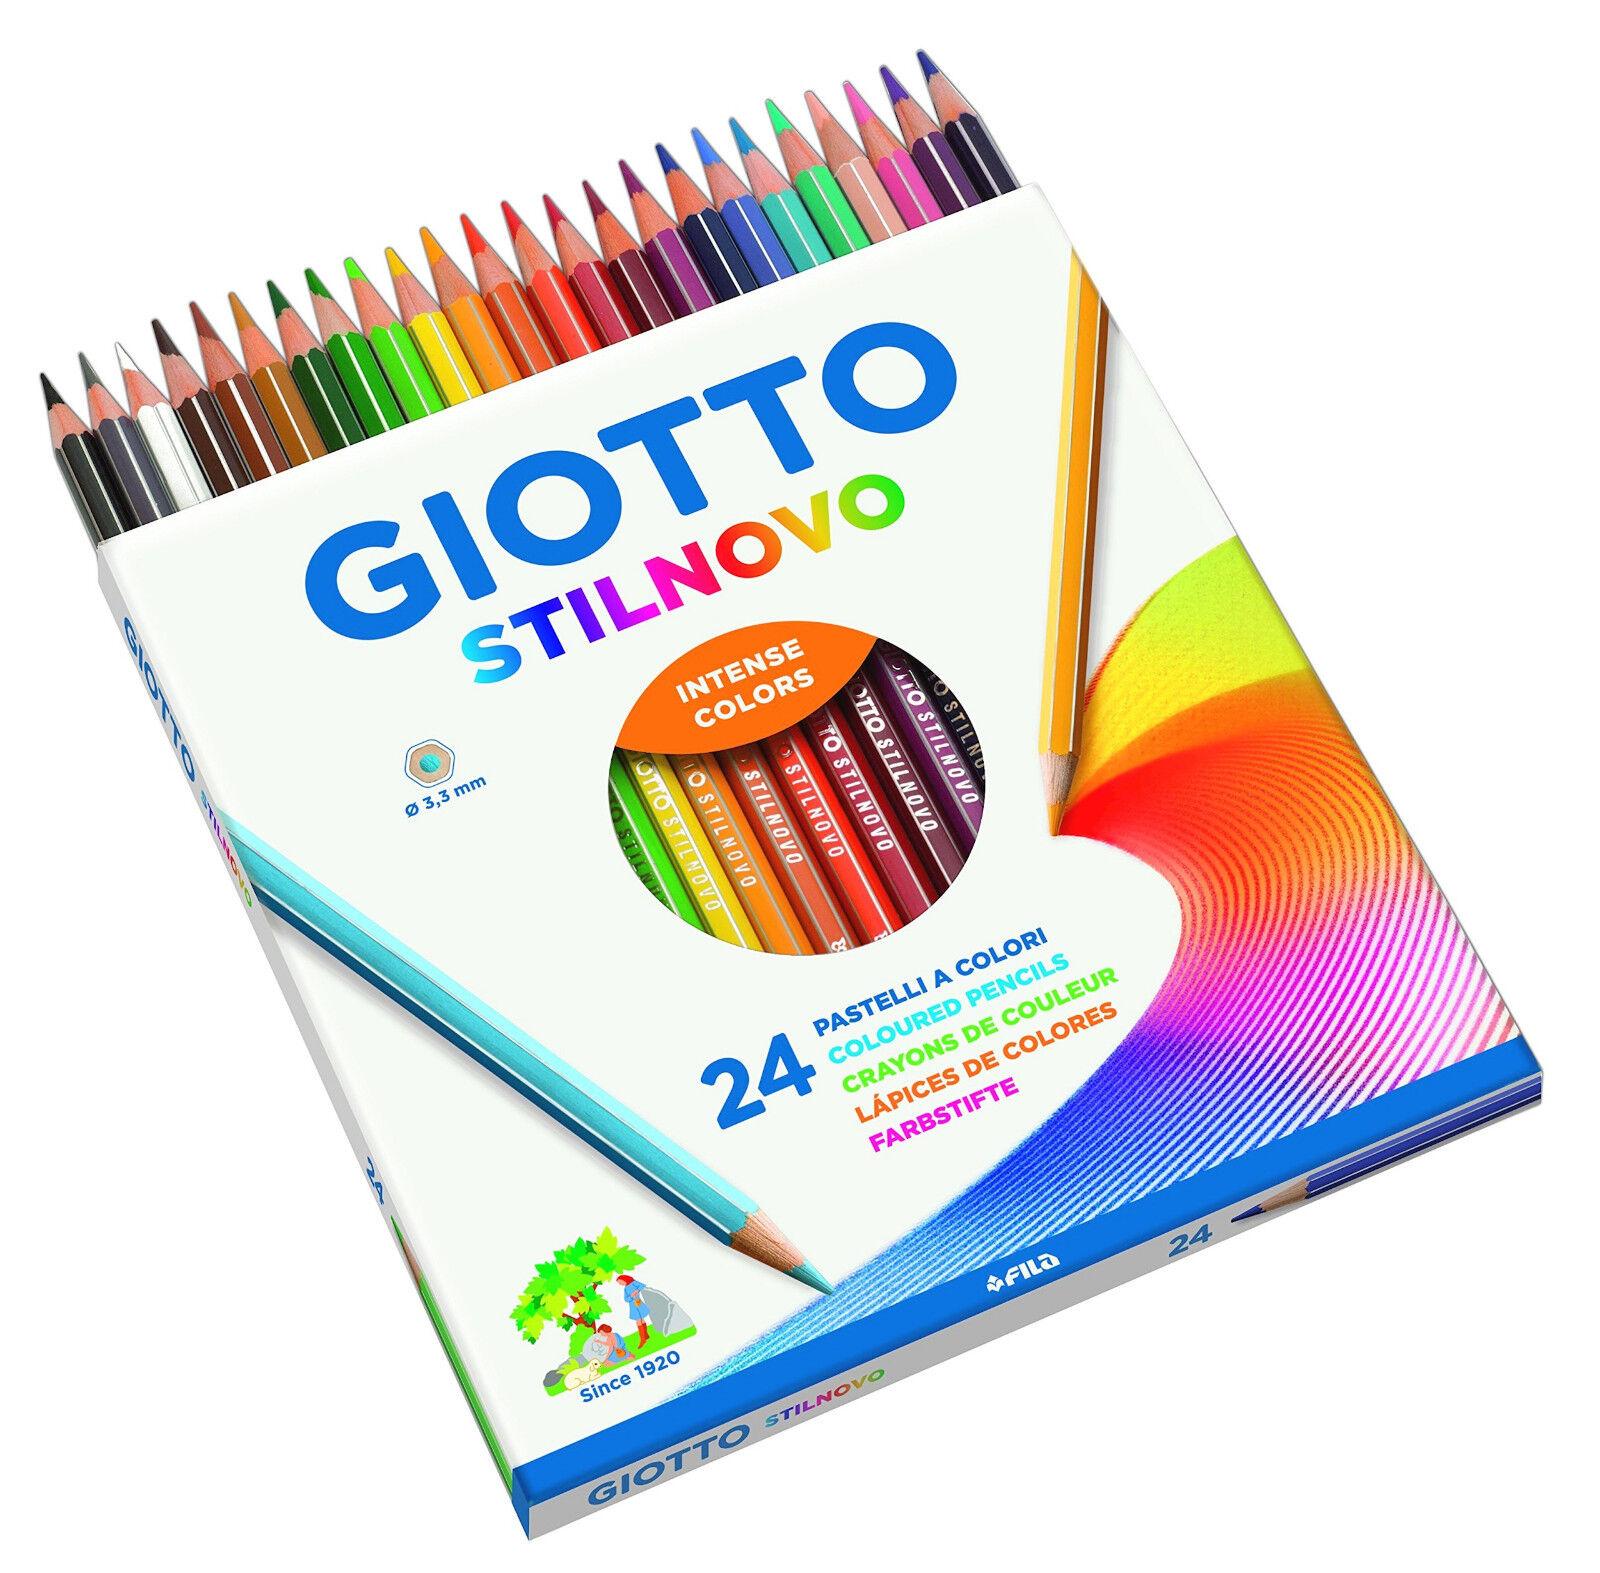 Giotto Stilnovo 24 Pastelli a Colori Tratto 3,3 mm Matite Colorate Astuccio Fila